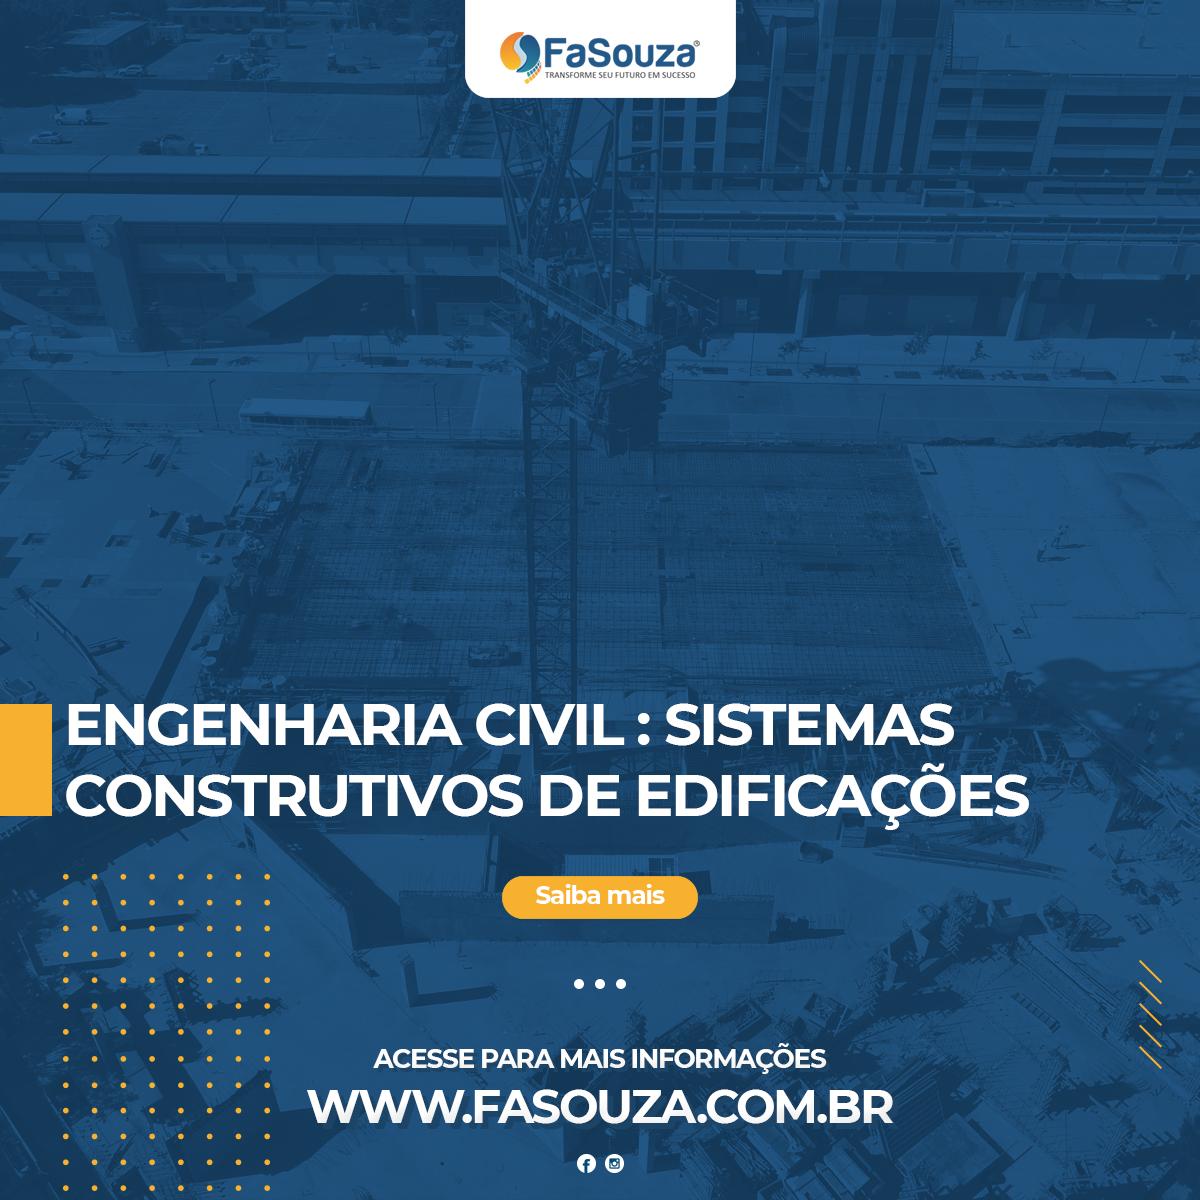 Faculdade Souza - Engenharia Civil: Sistemas Construtivos de Edificações (ESSE CURSO NÃO ESTÁ ATIVO)